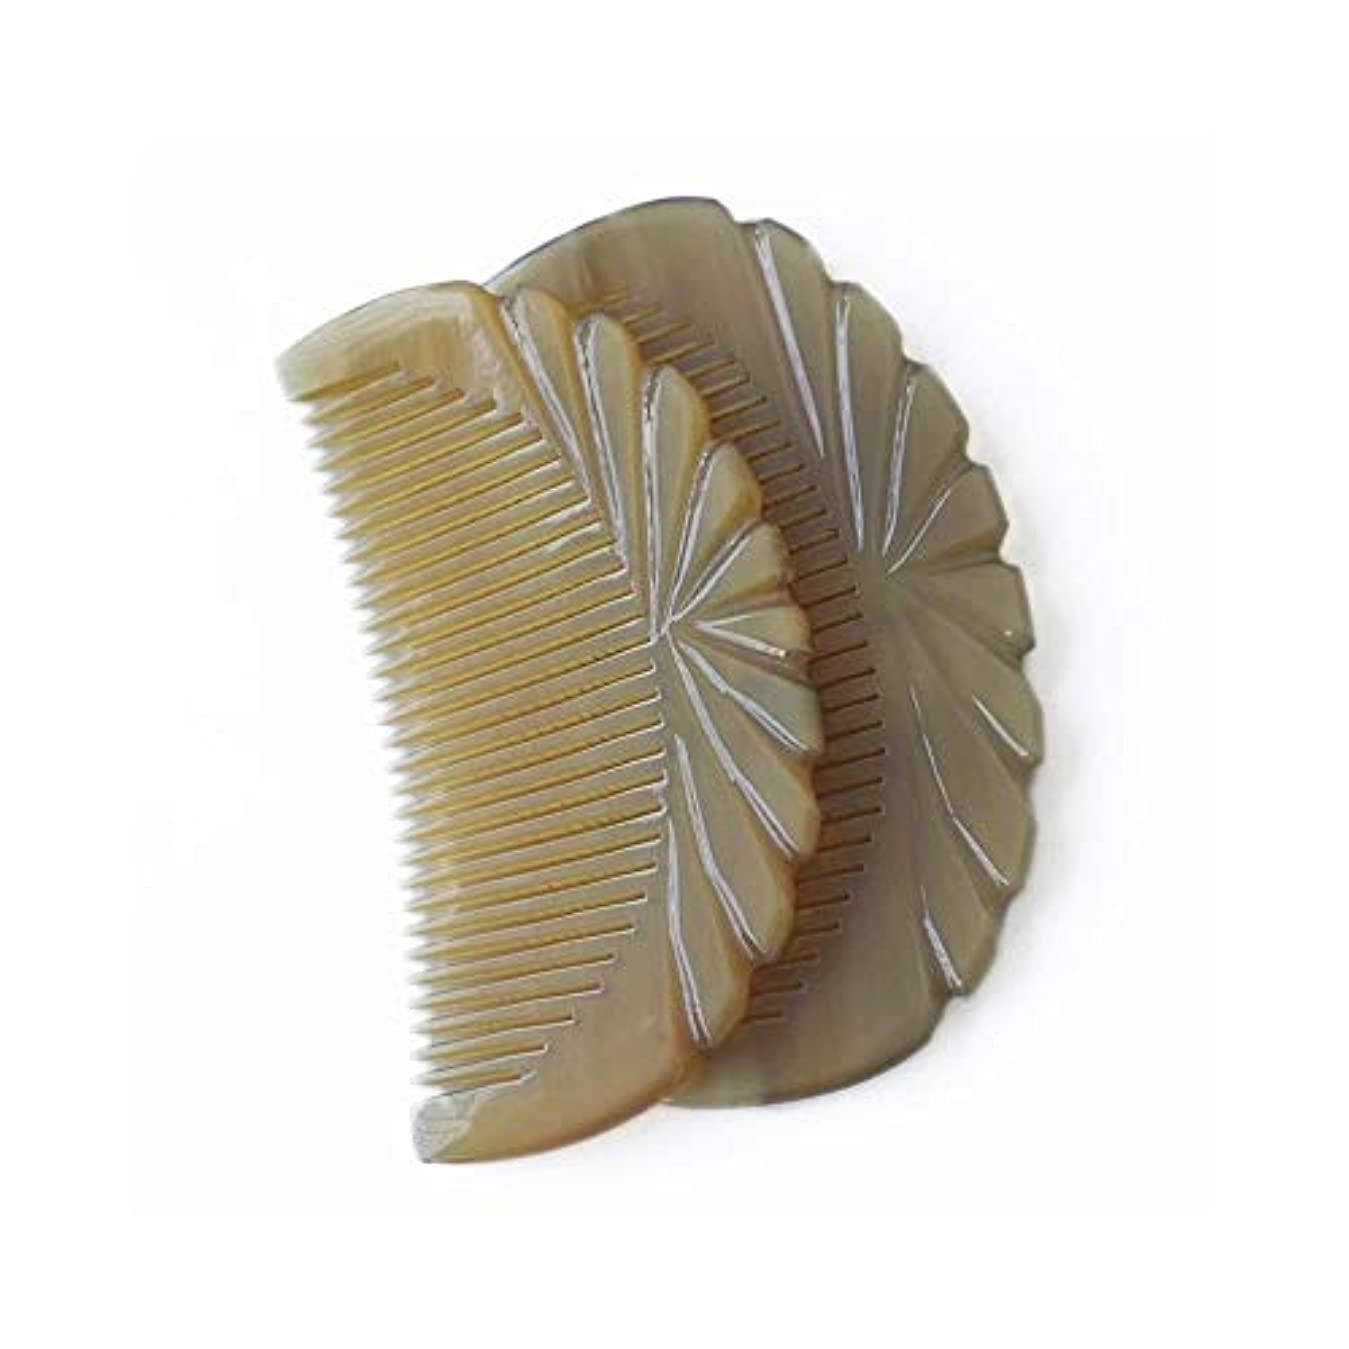 降伏なめらか一人でFashian天然木製くし髪 - もつれ解除とスタイリングウェットまたはドライカーリー、太い、波状、またはストレートヘアナチュラルアンチスタティックウッド ヘアケア